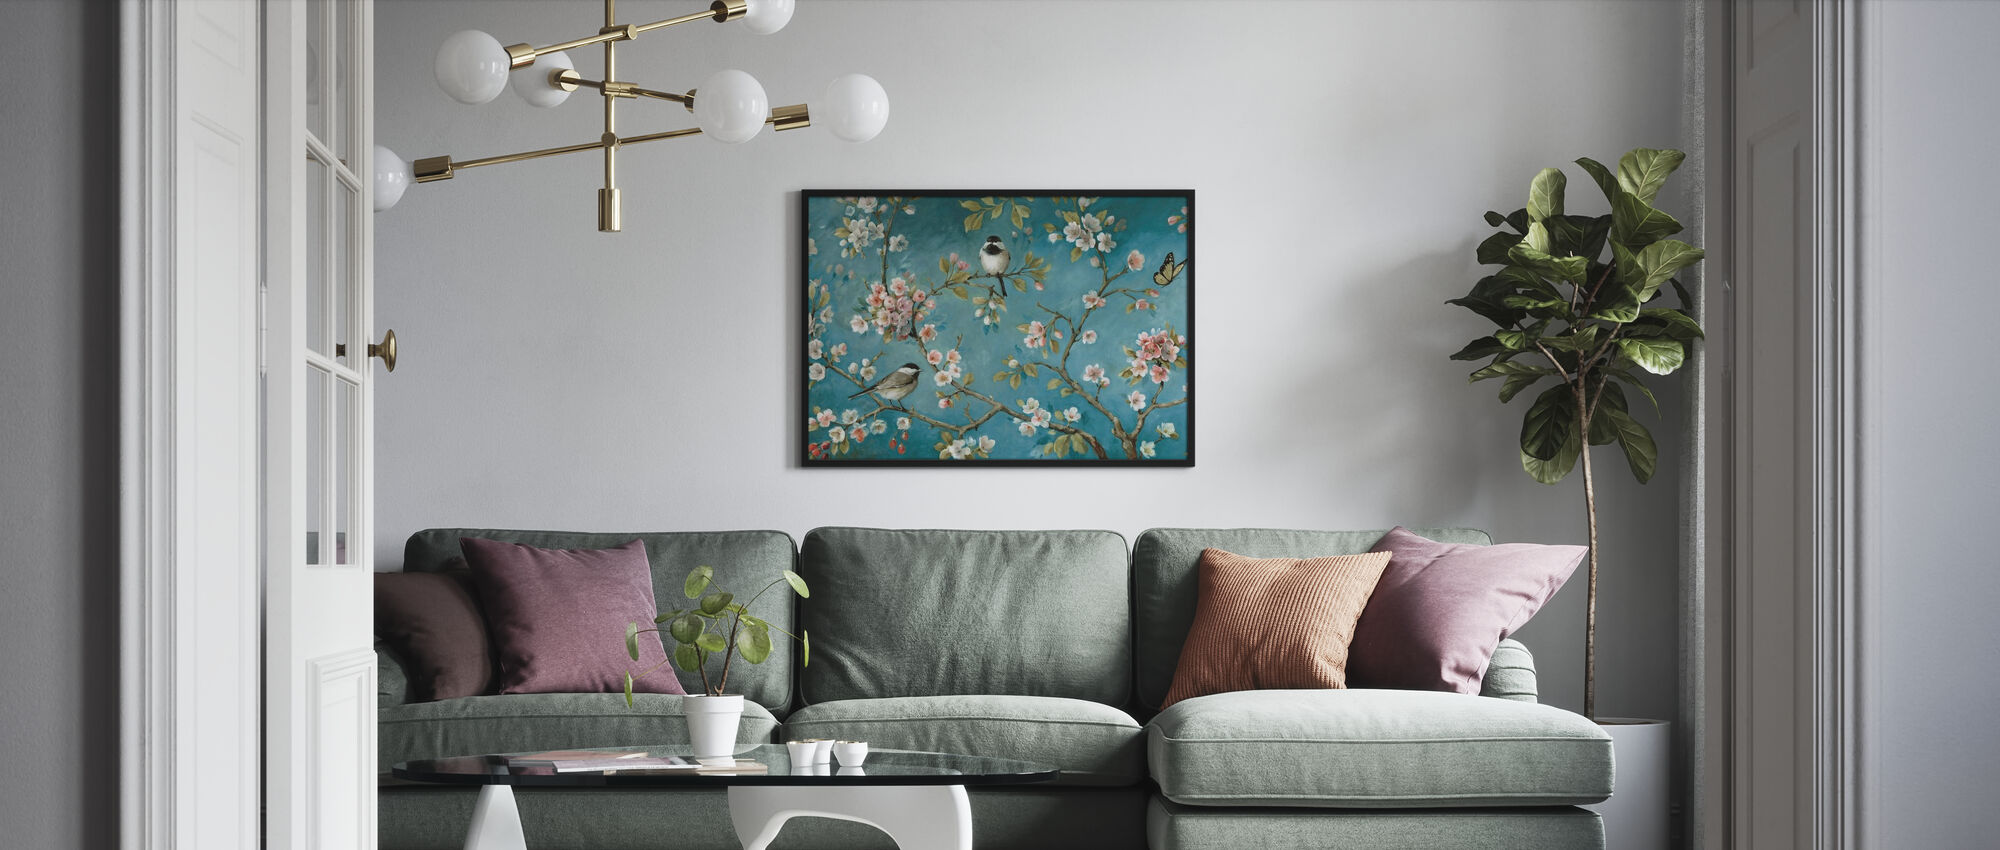 Kukkiva - Kehystetty kuva - Olohuone